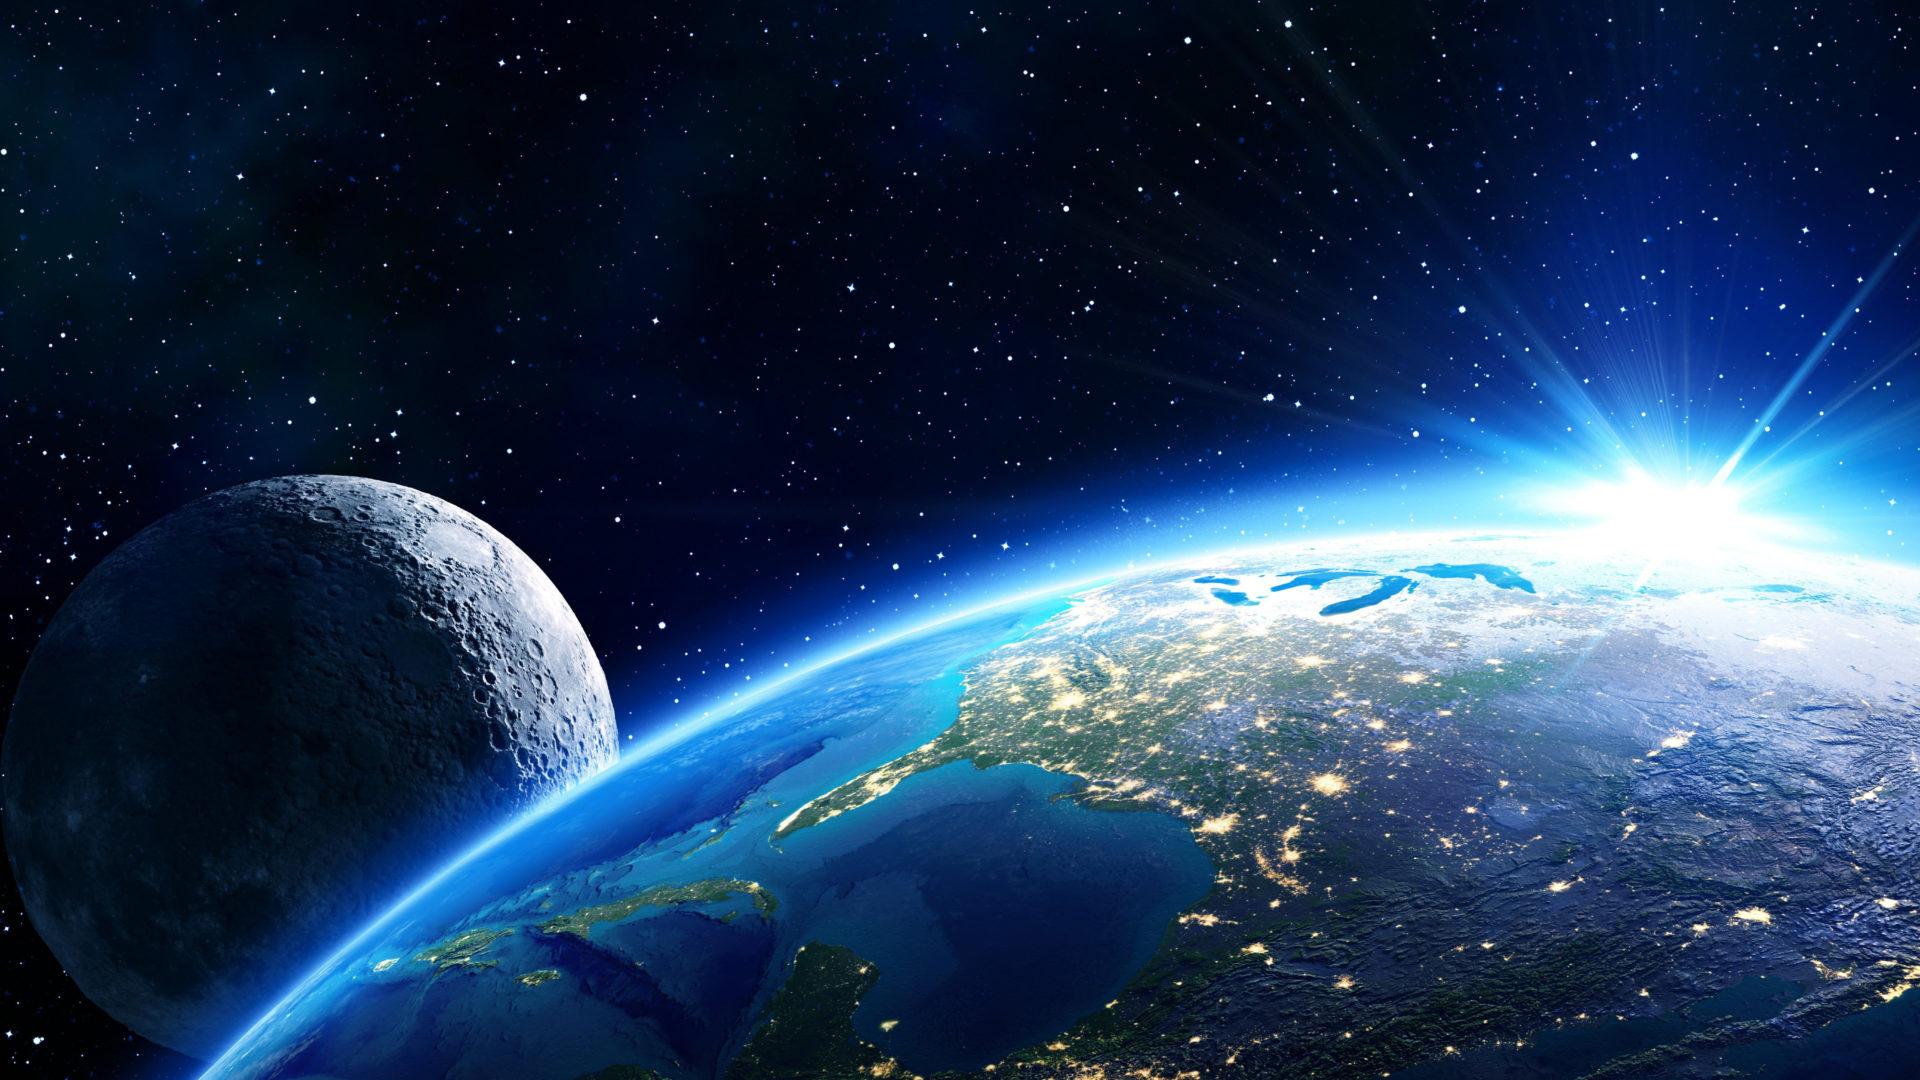 Planeta Zemlya Vid Iz Kosmosa 5k Skachat Krasivye Oboi Kosmos